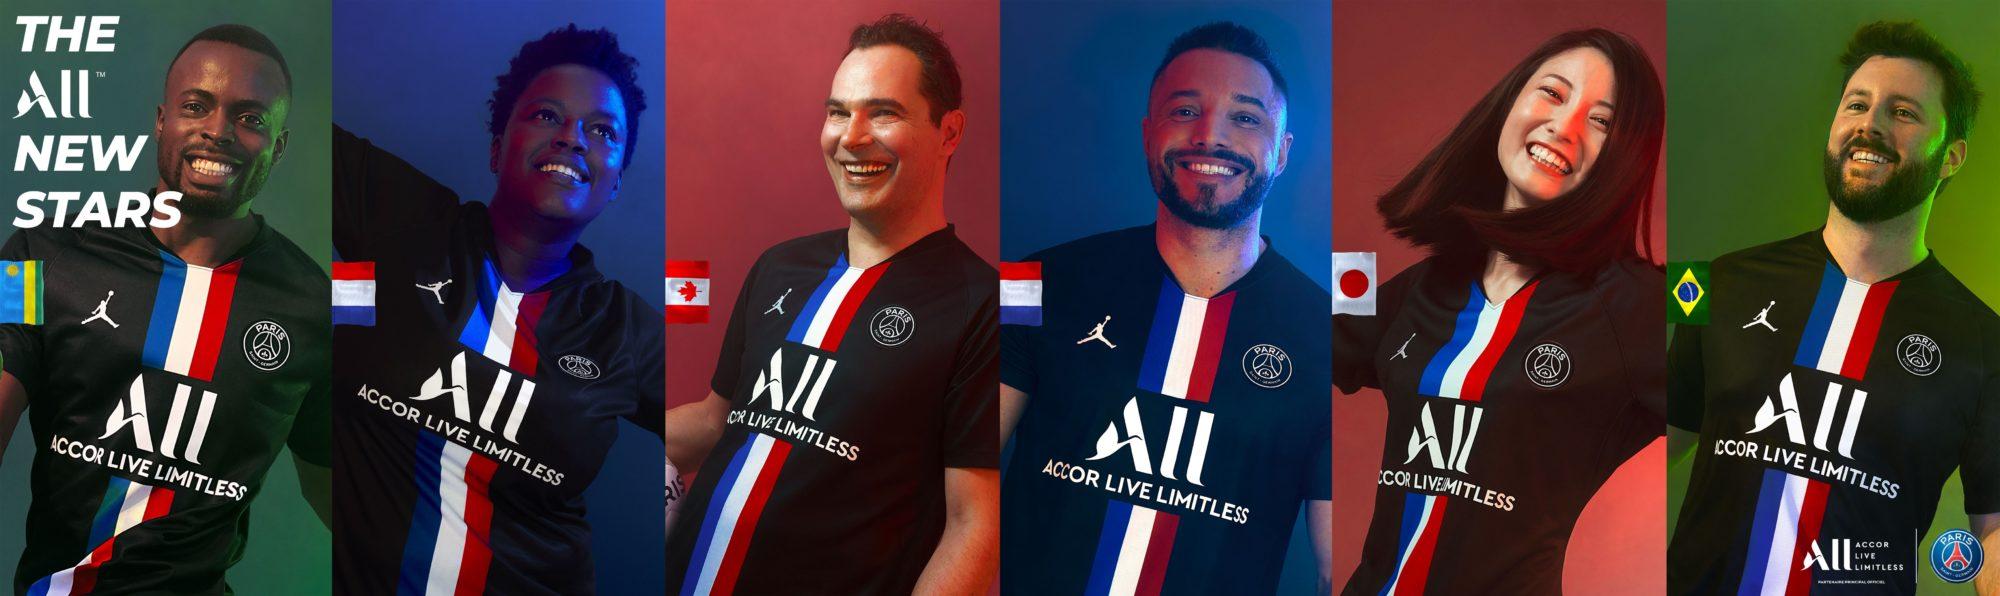 Six membres Accor Live Limitless égéries du nouveau maillot du Paris Saint-Germain